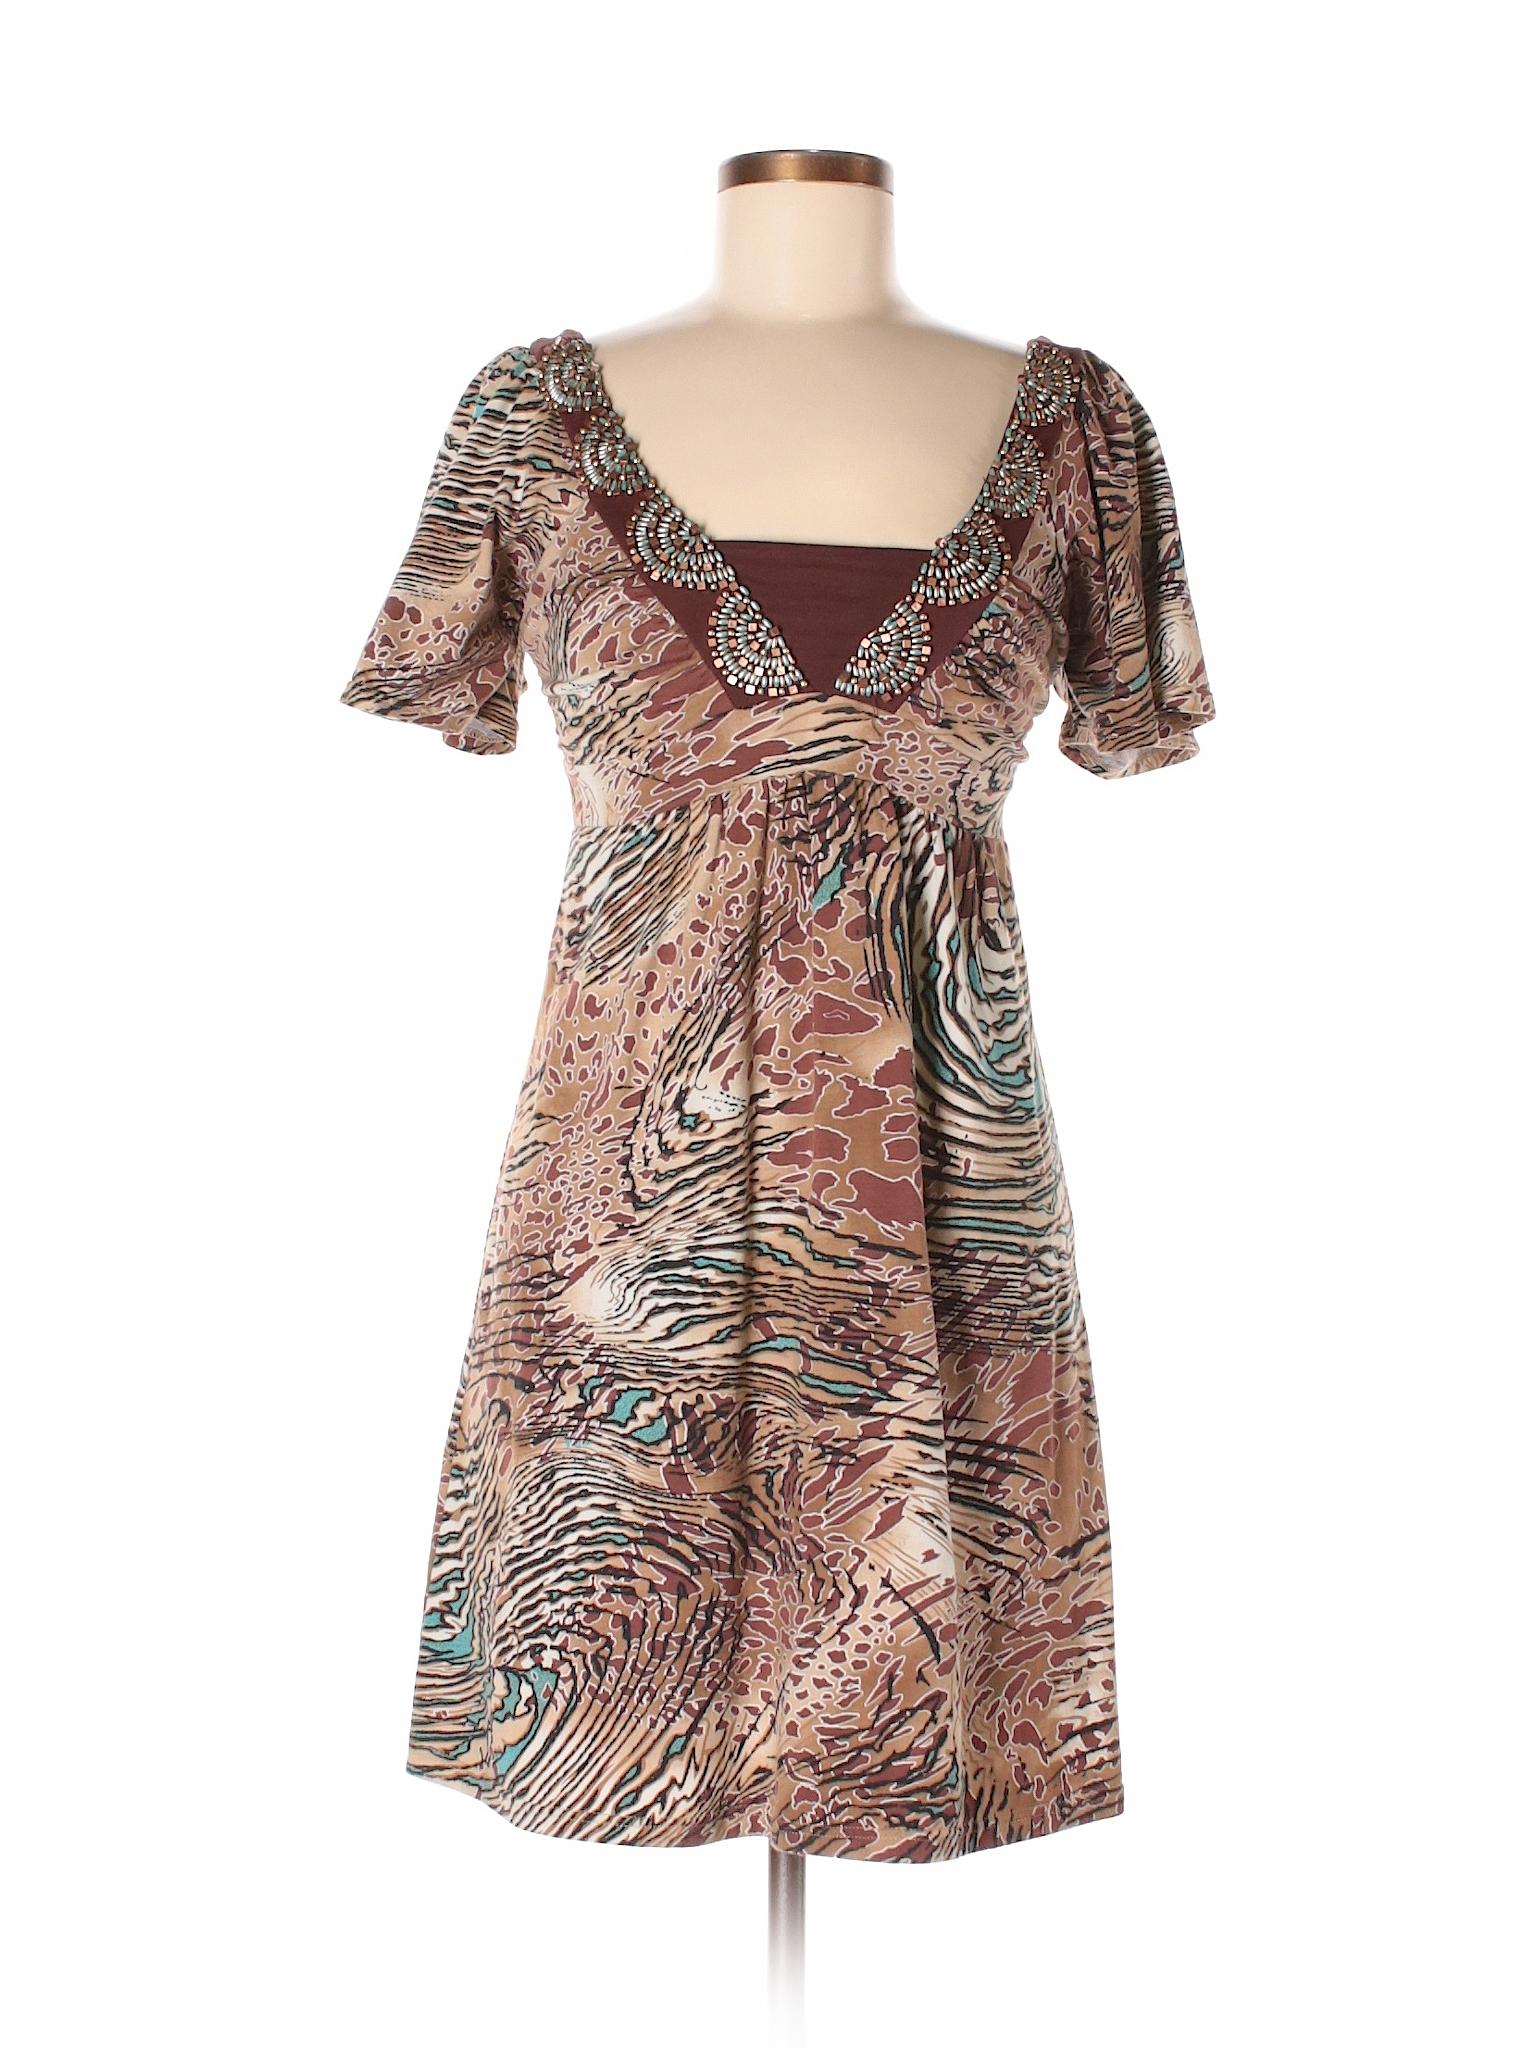 Joyous Free amp; Dress Casual Selling qzRvwAq